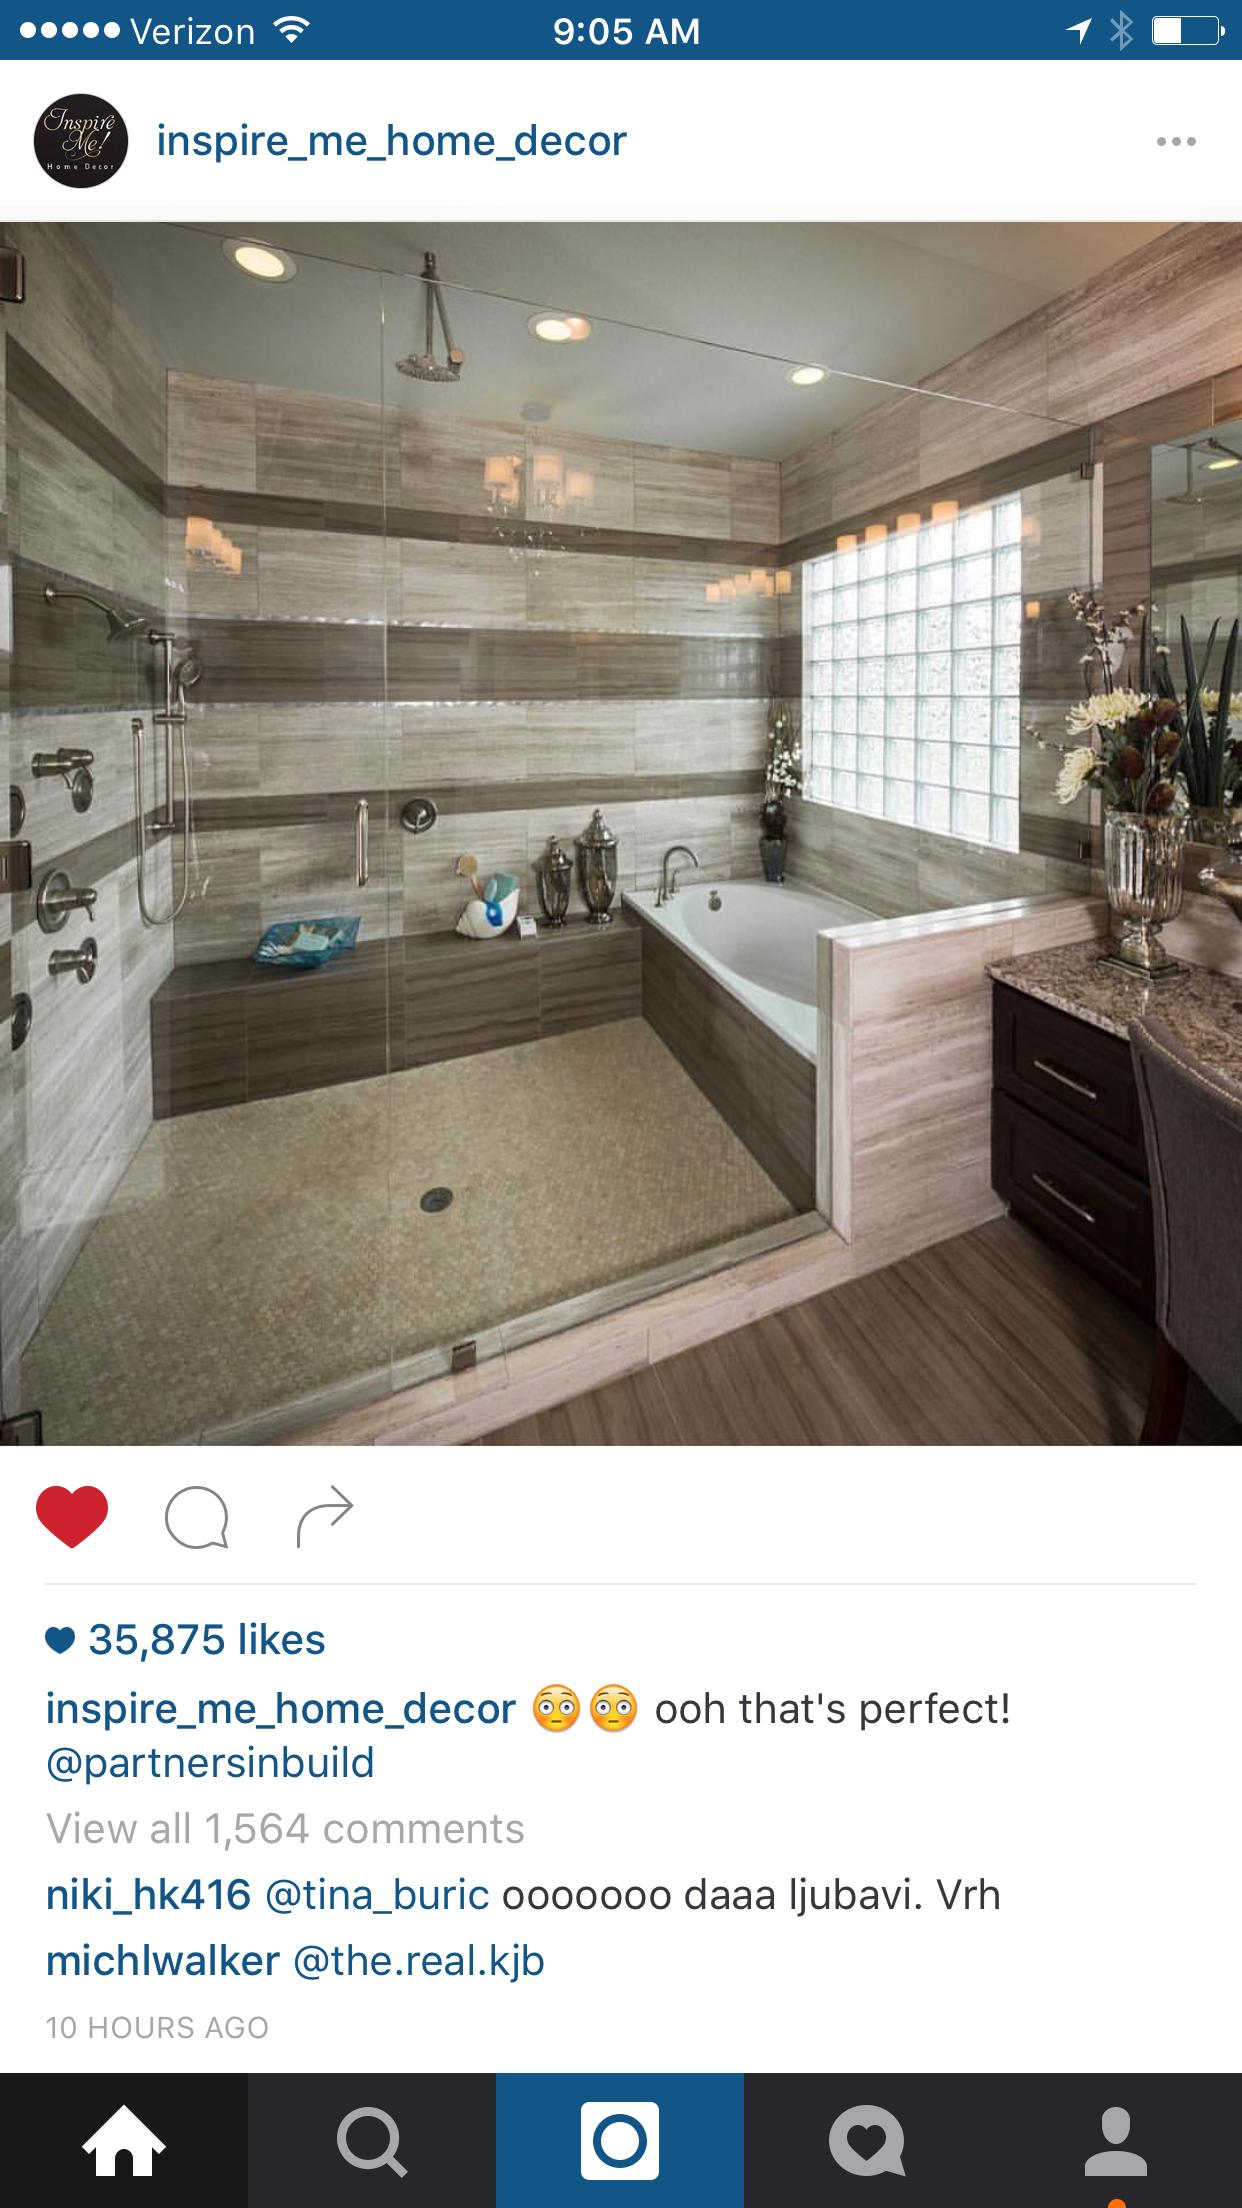 Badezimmer ideen mit wanne pin von federcheen auf homedecoration  pinterest  badezimmer